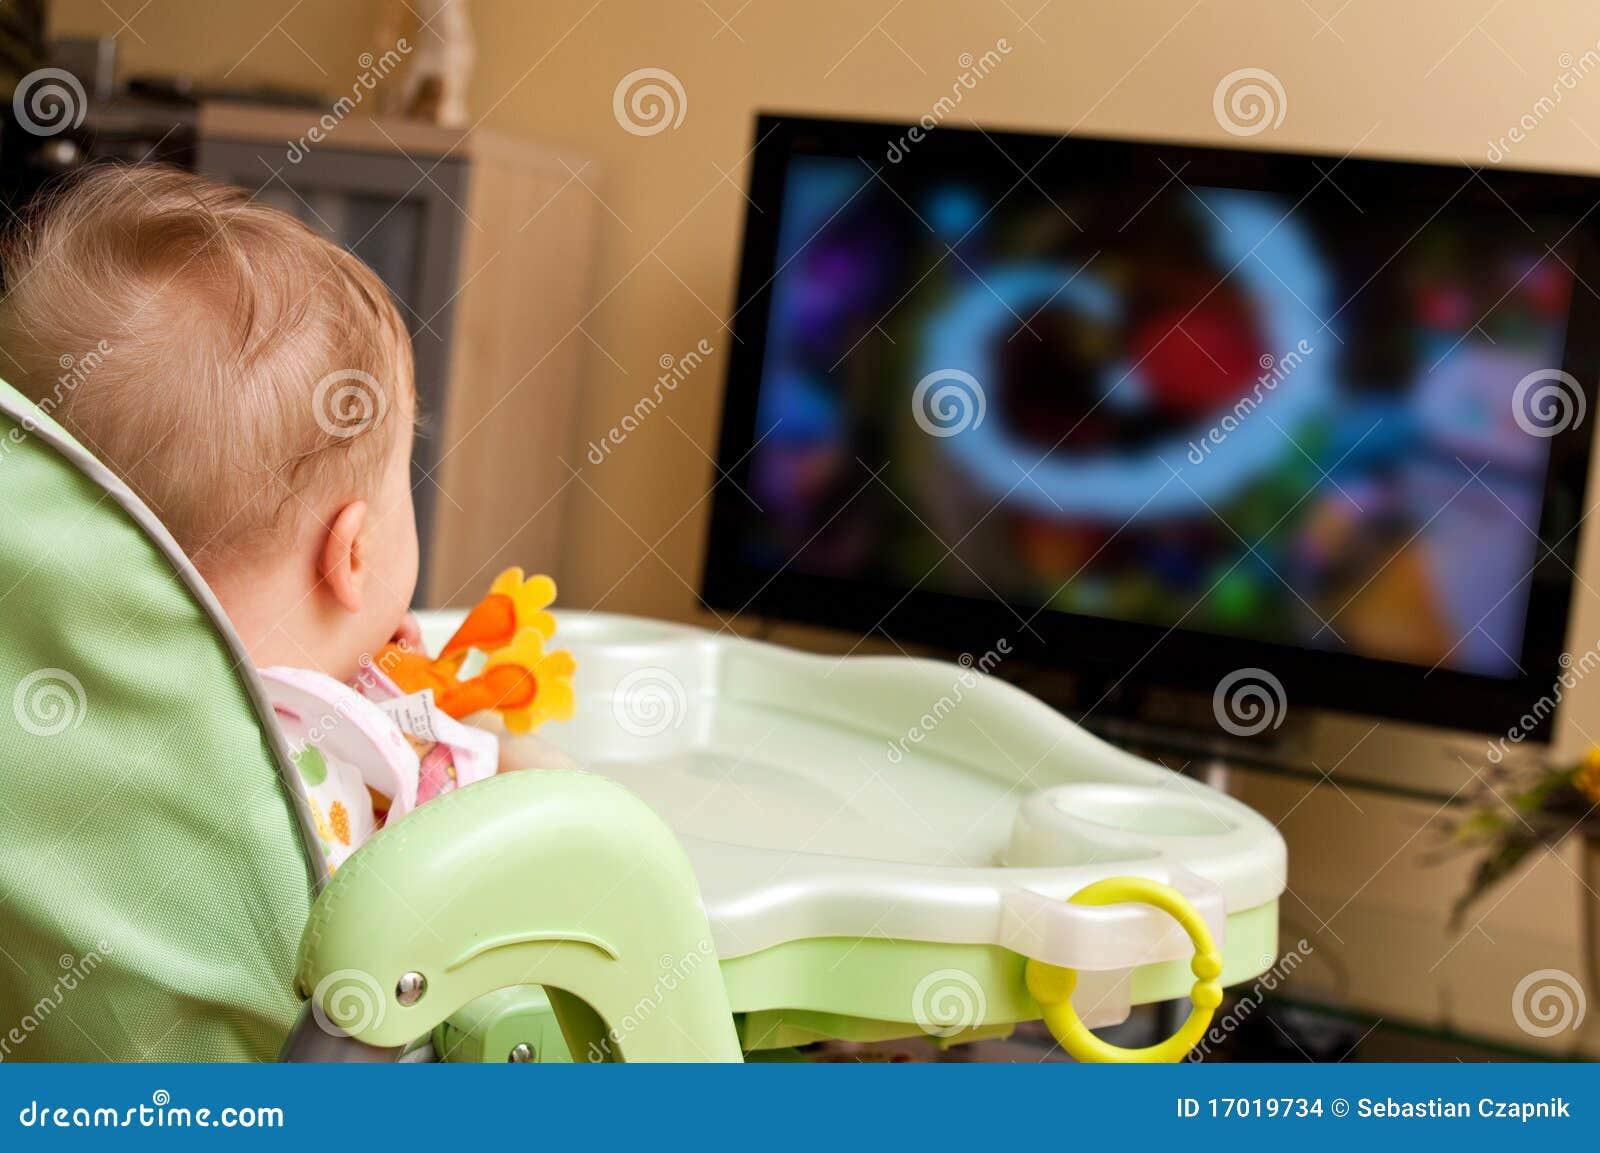 Baby girl watching tv